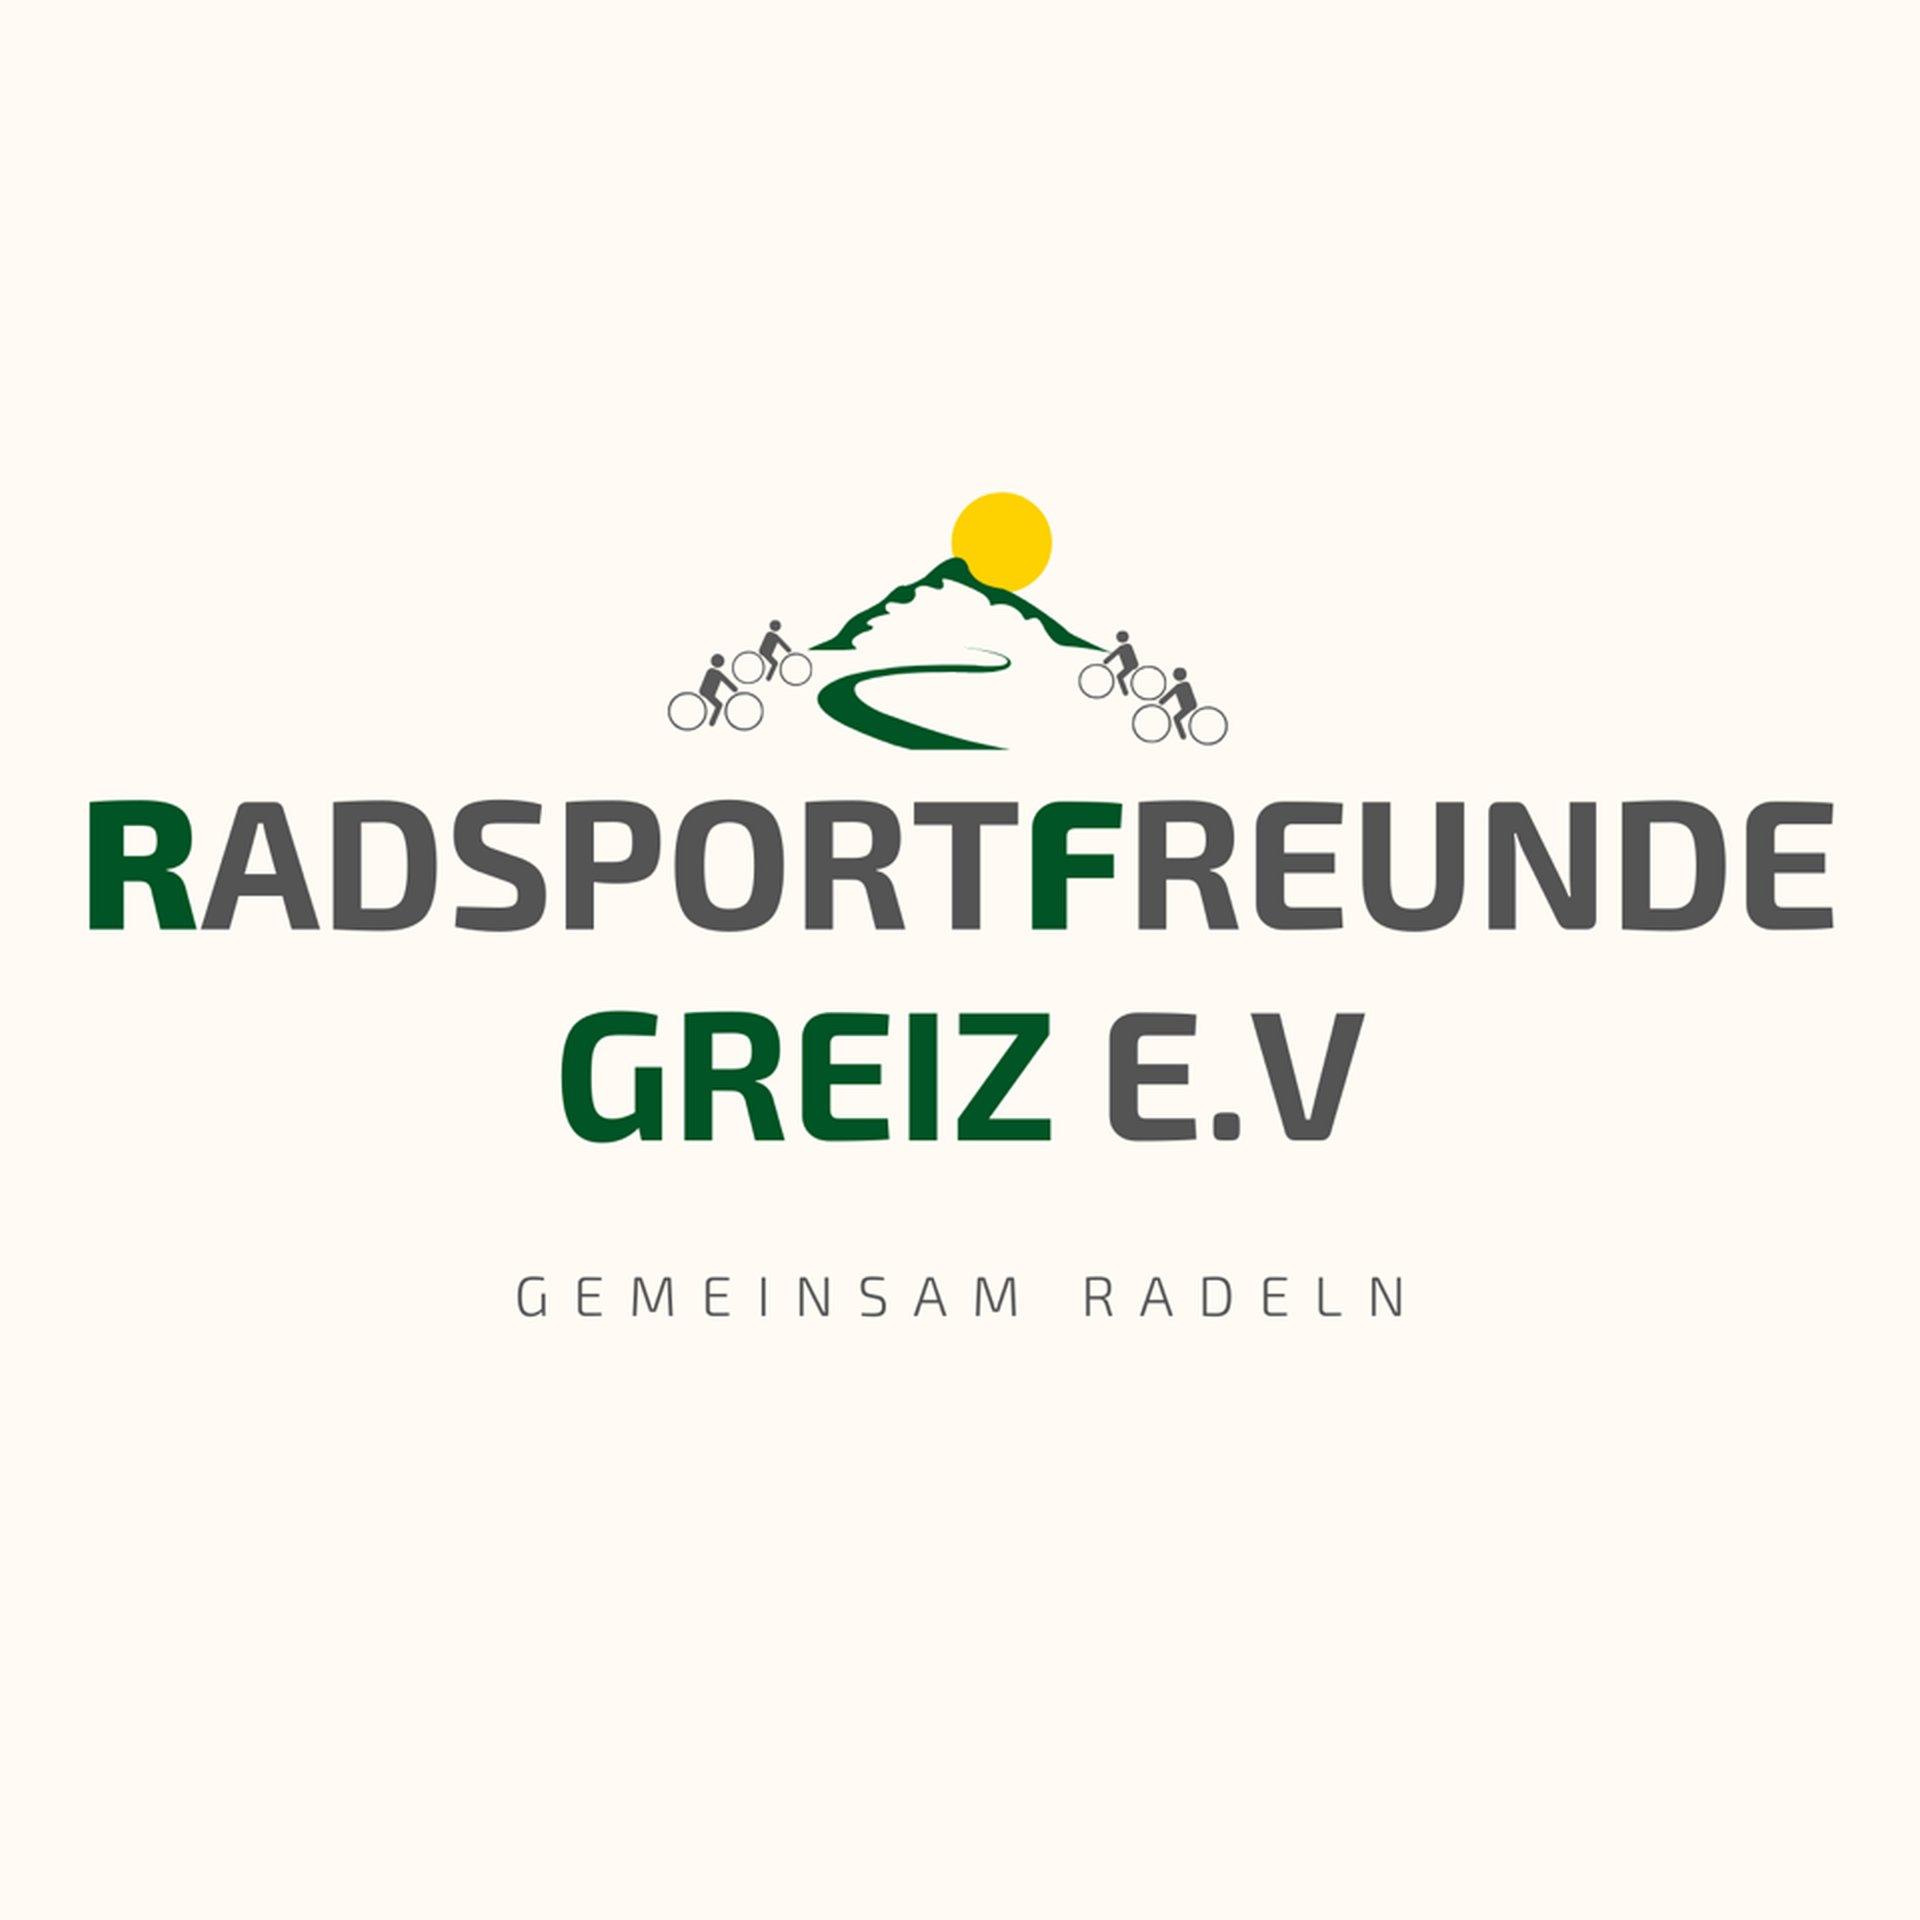 Radsportfreunde Greiz e.V.